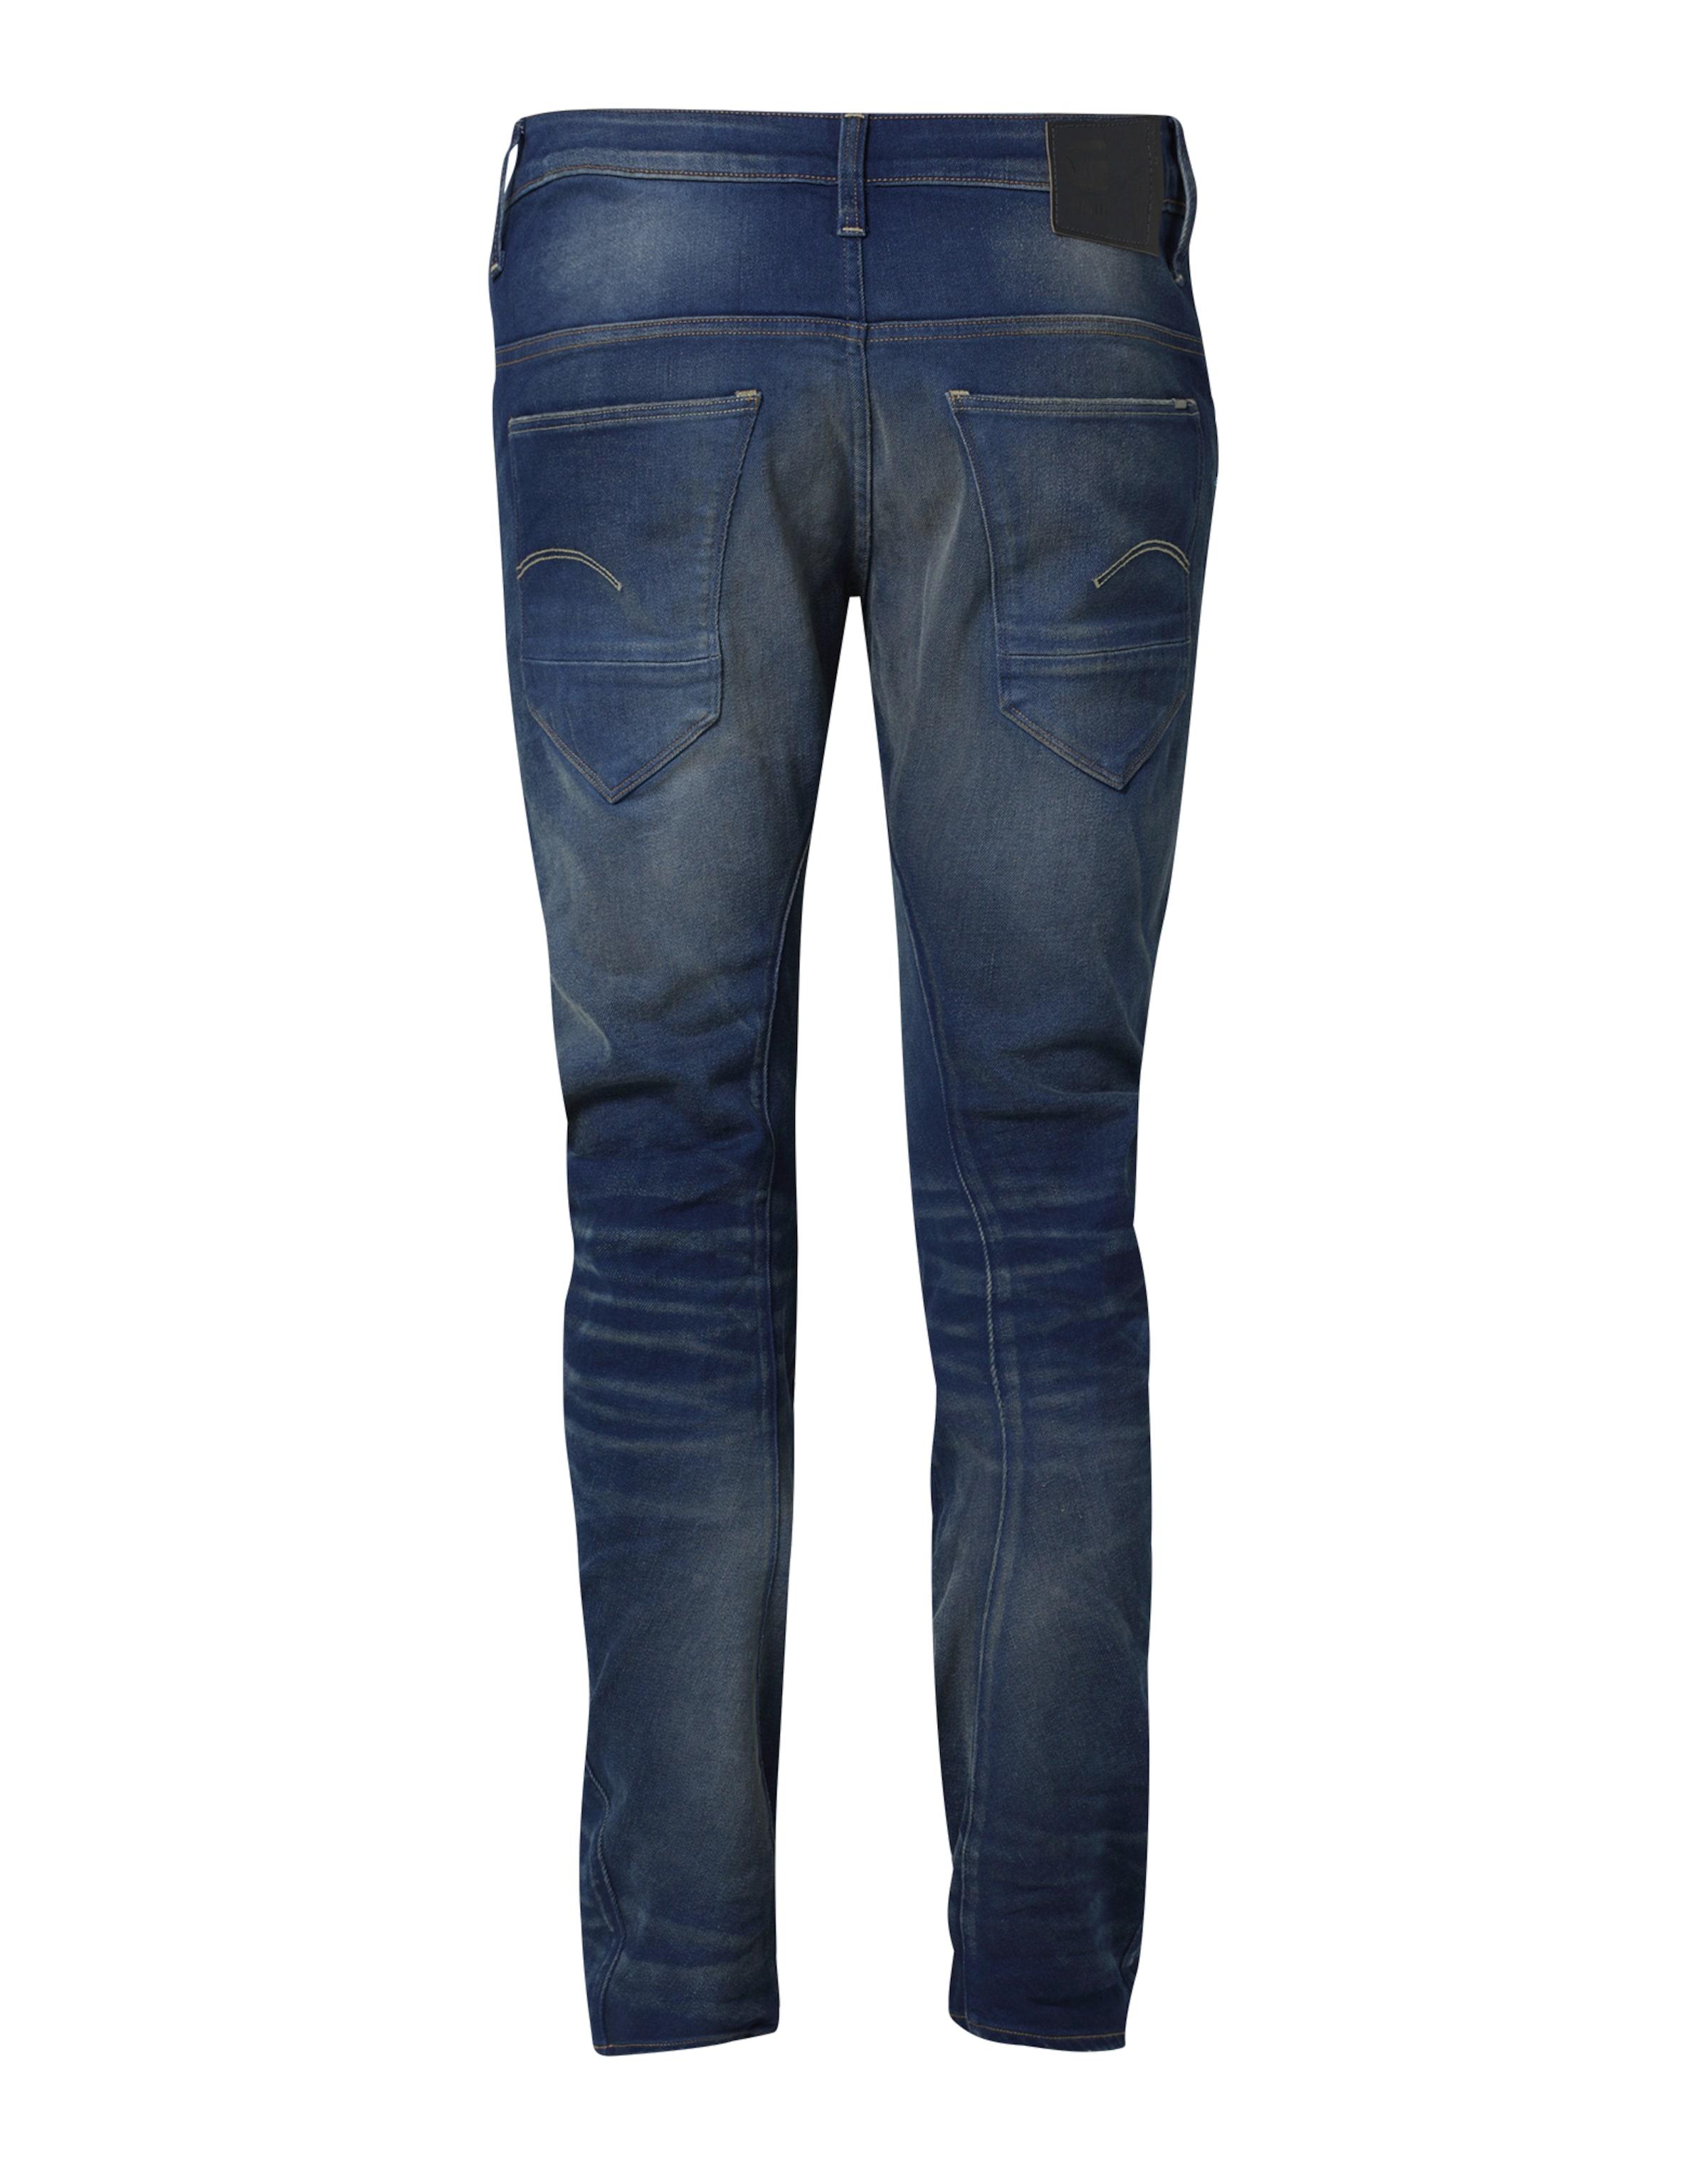 G-STAR RAW Jeans in Slim Fit 'Arc 3D' Freies Verschiffen Große Auswahl An Billig Verkauf Zahlen Mit Paypal Guenstige Günstig Kaufen Erkunden Billig 100% Authentisch CQpHIYi2R